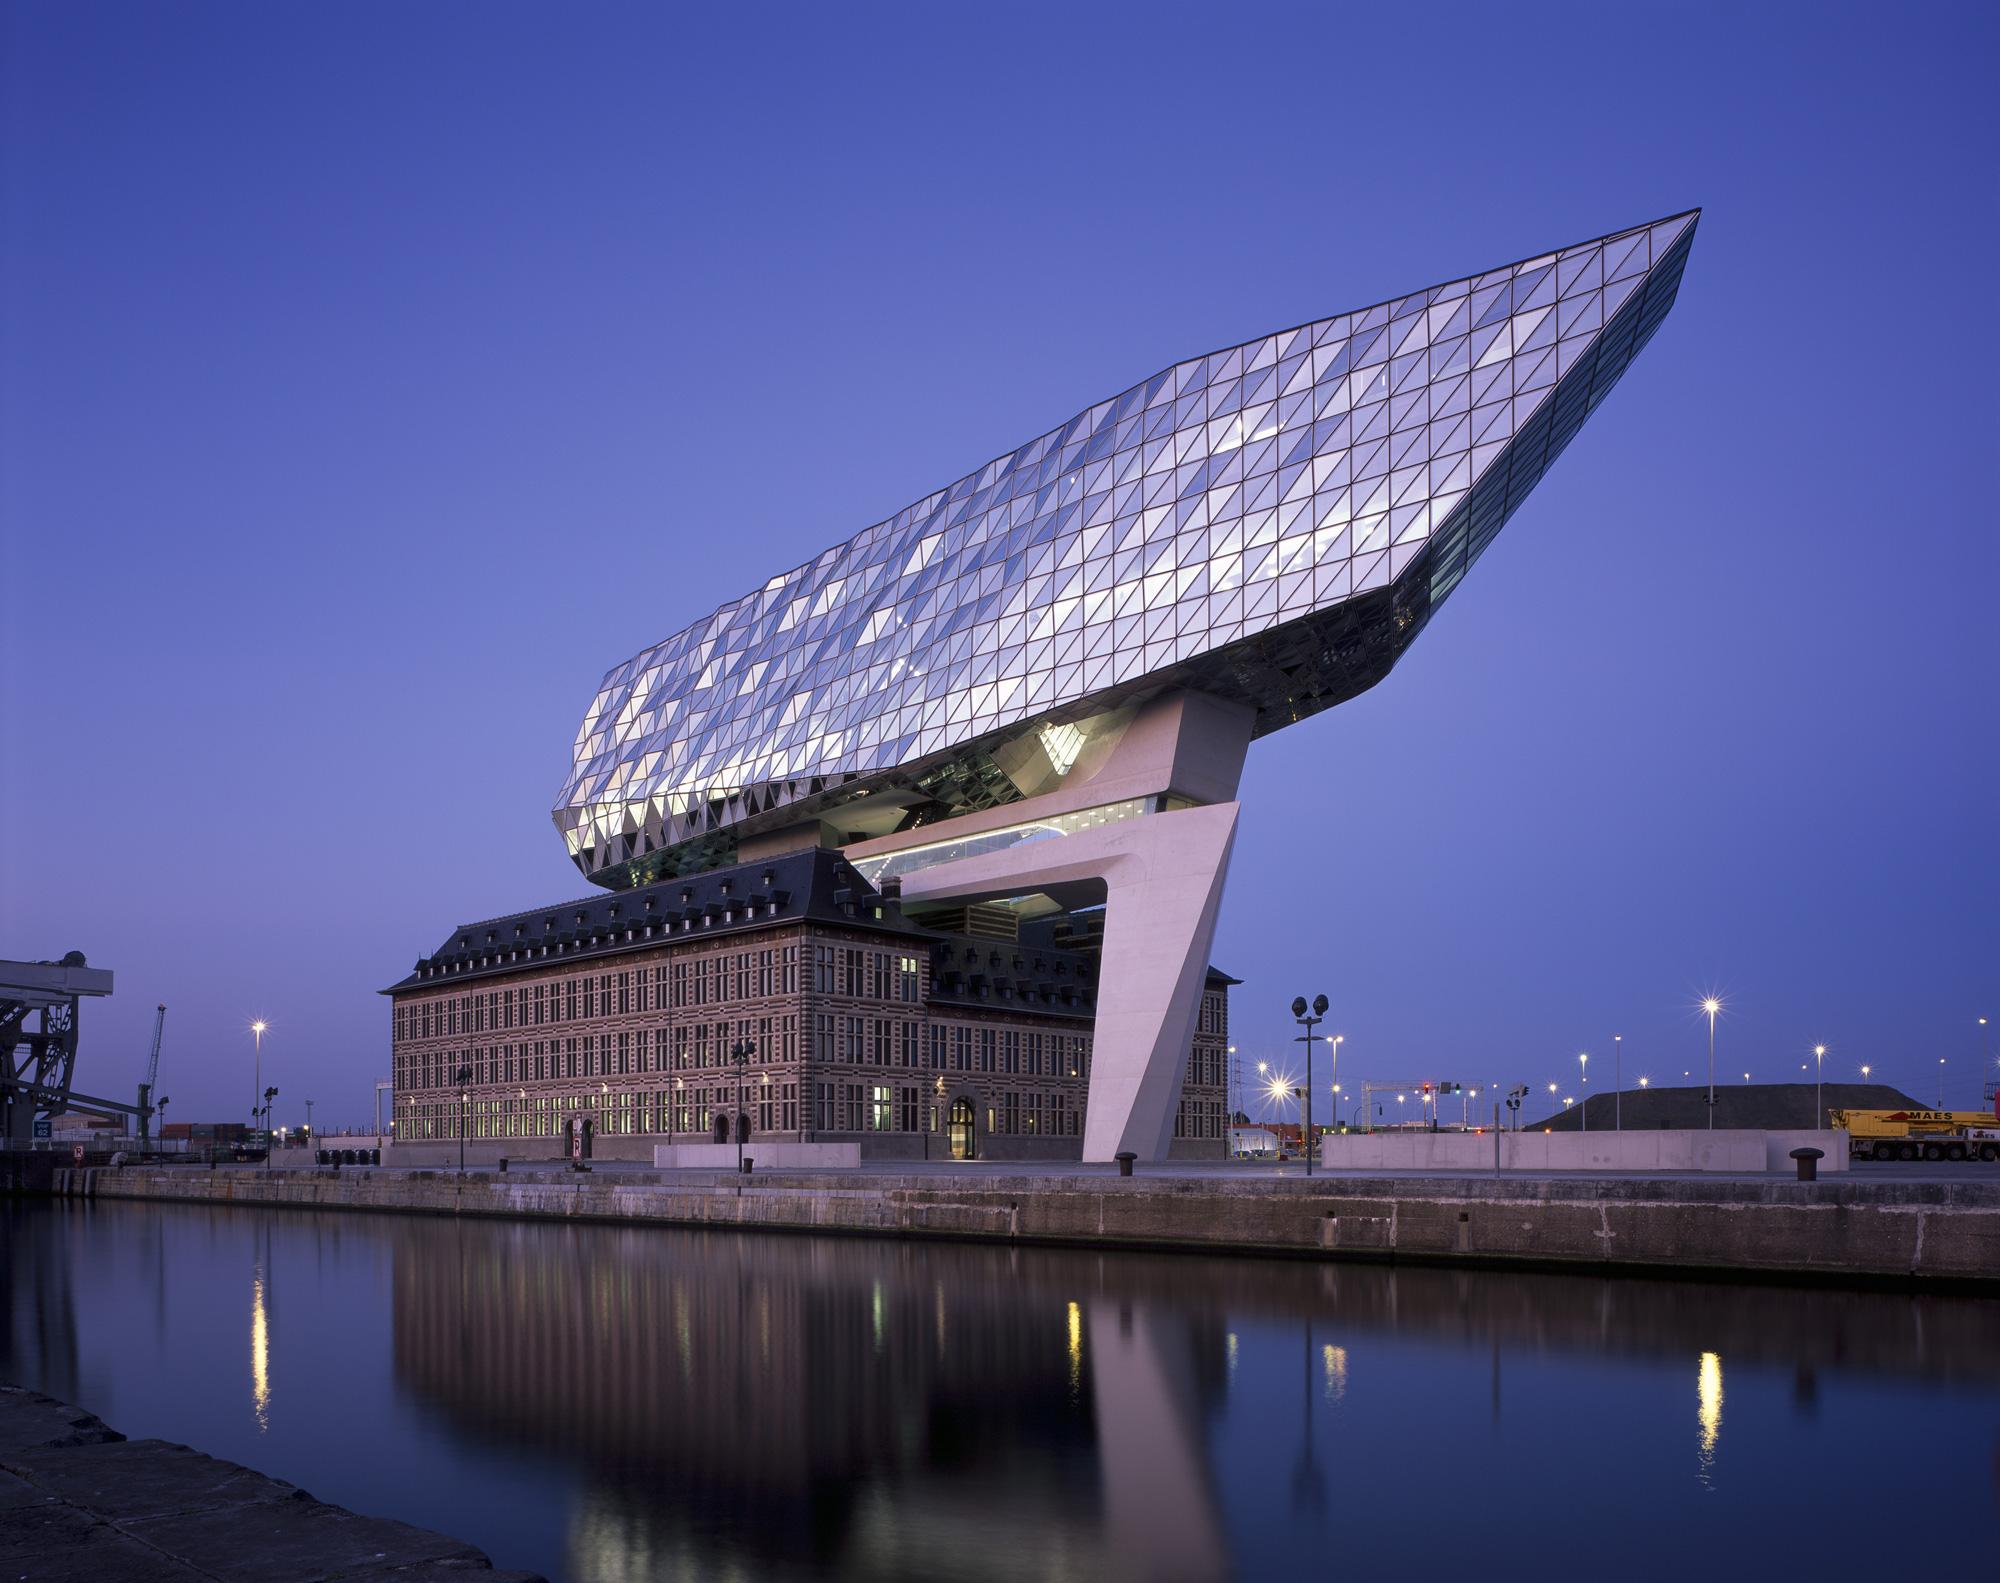 La nuova Port House, Zaha Hadid Architects © Hélène Binet